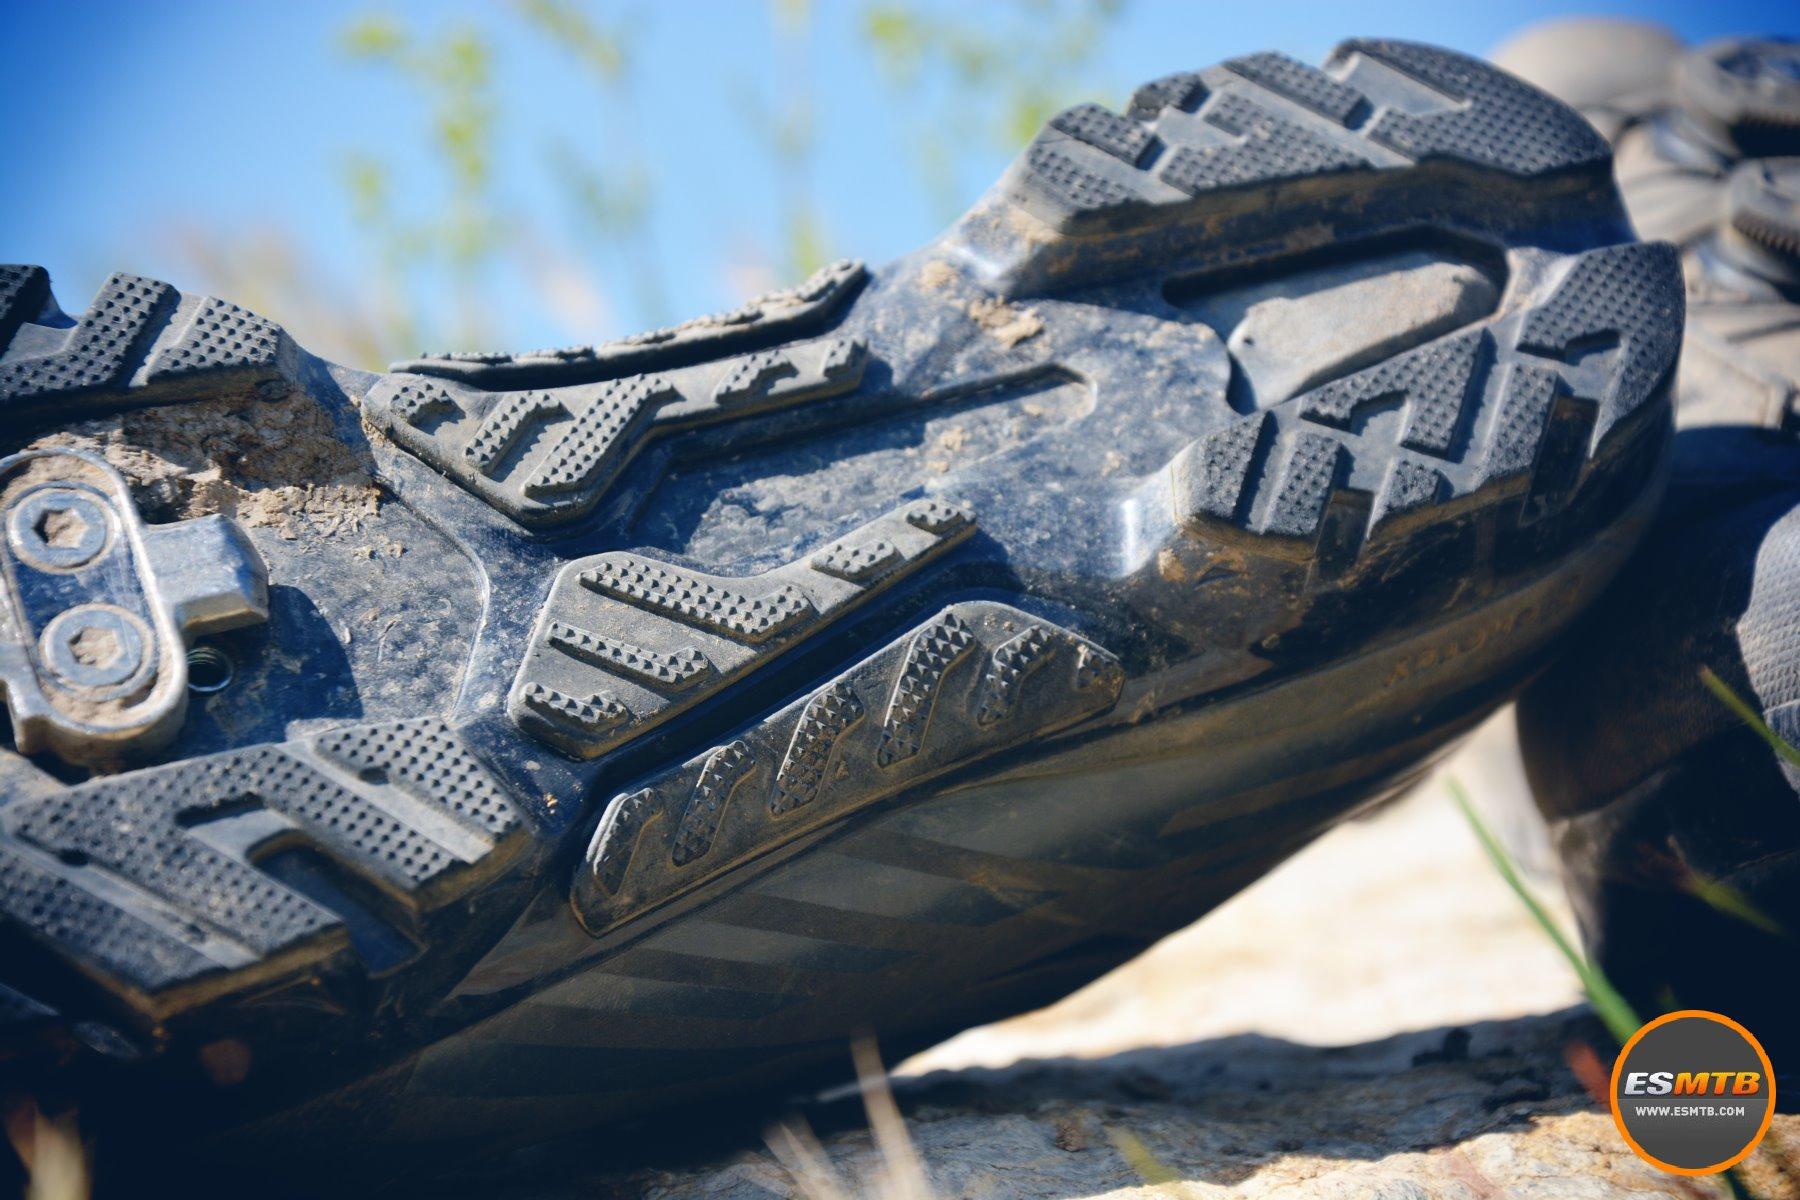 Detalles de la suela, con inserciones de goma que ayudan a caminar en cualquier terreno